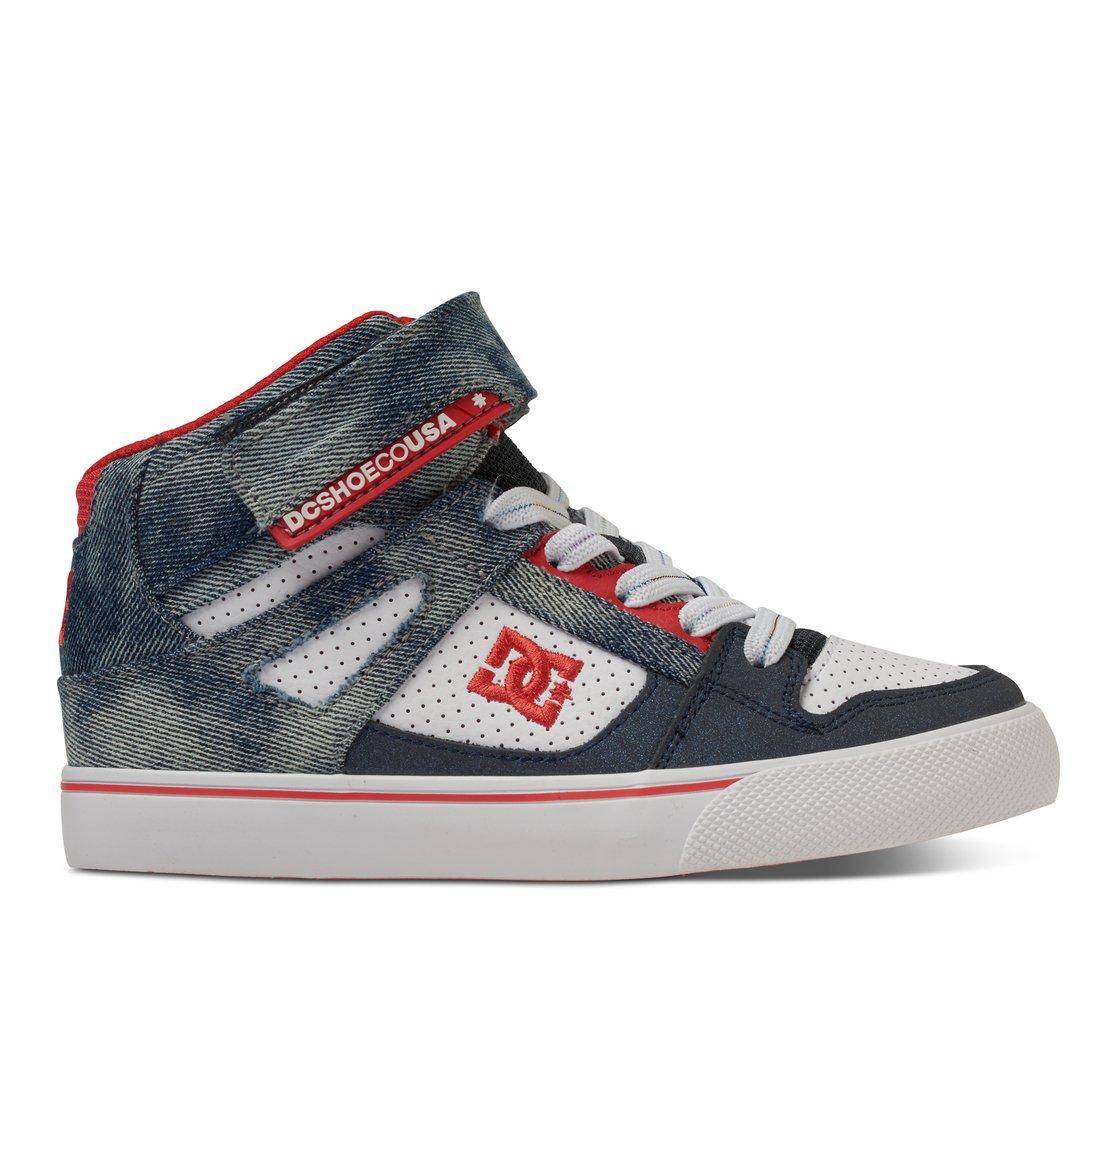 16 Shoes High 8 Top 888327611891Dc Se Ev Boy's Spartan 8XOZN0Pknw